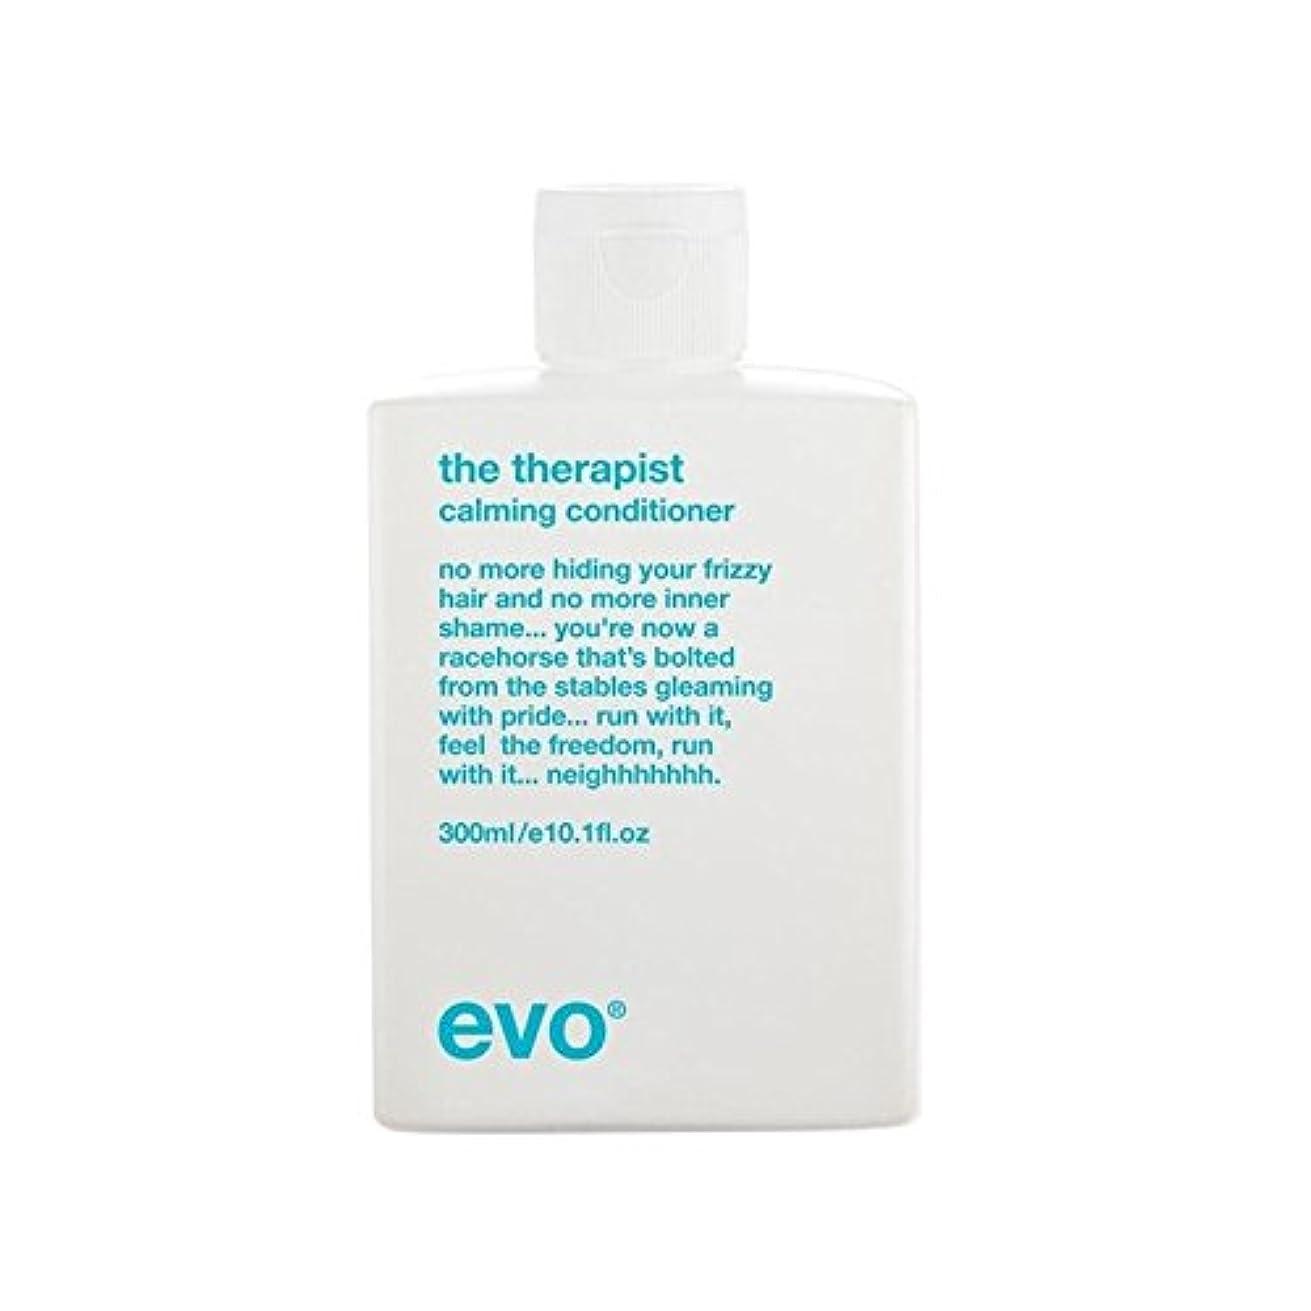 浪費簡潔なディンカルビルセラピスト沈静コンディショナー(300ミリリットル) x4 - Evo The Therapist Calming Conditioner (300ml) (Pack of 4) [並行輸入品]